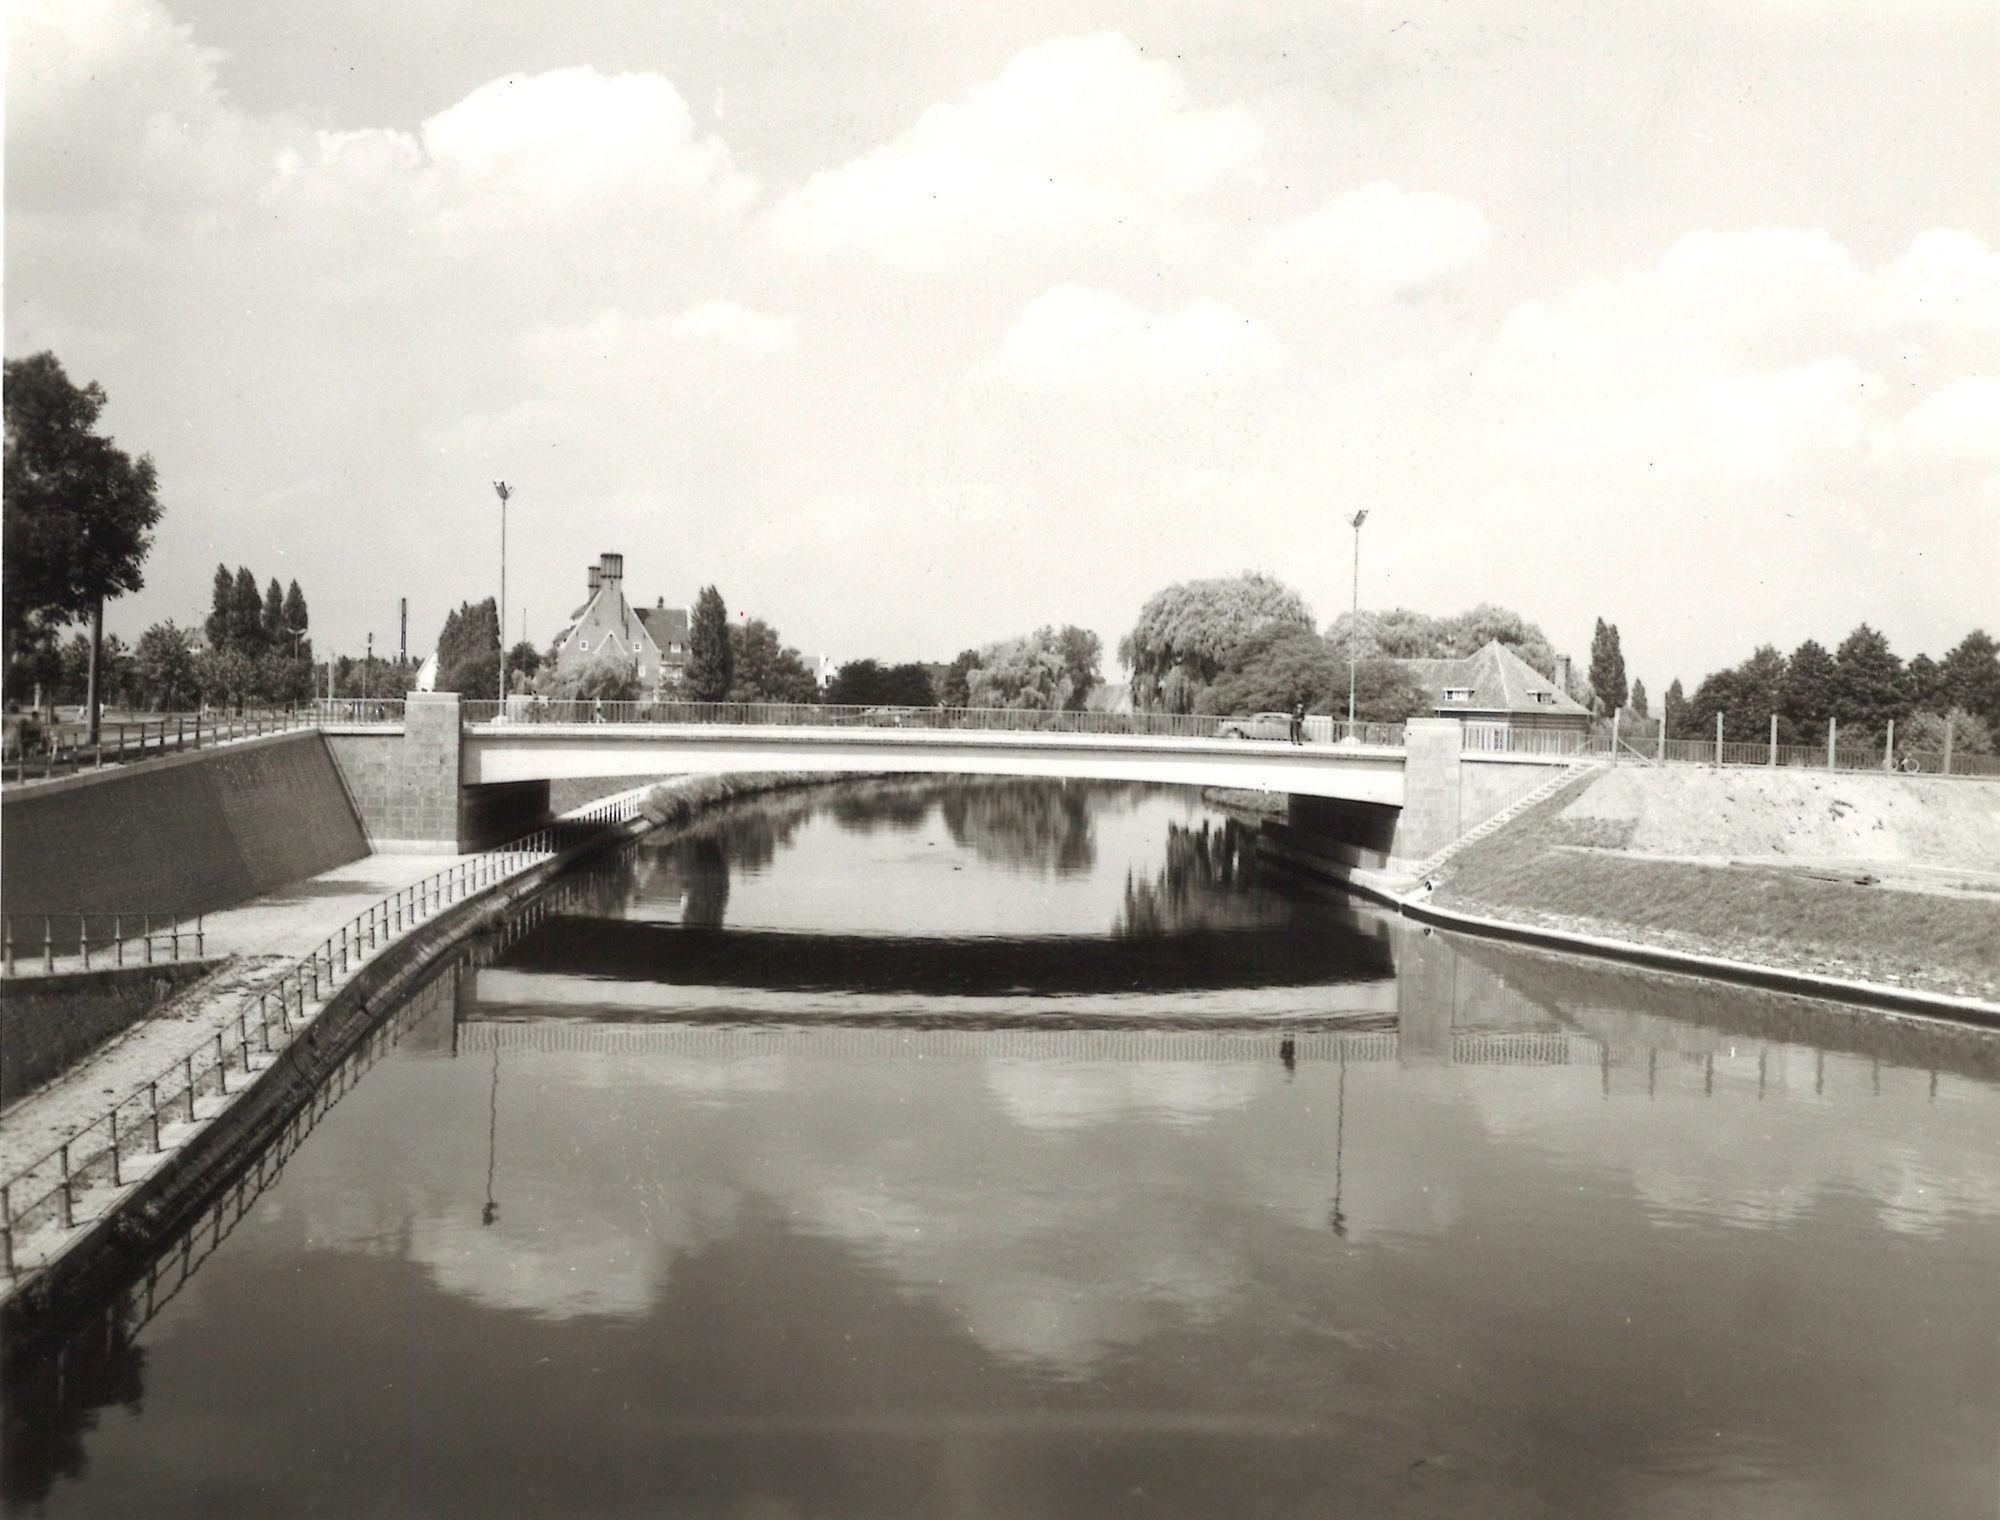 Groeningebrug 1957